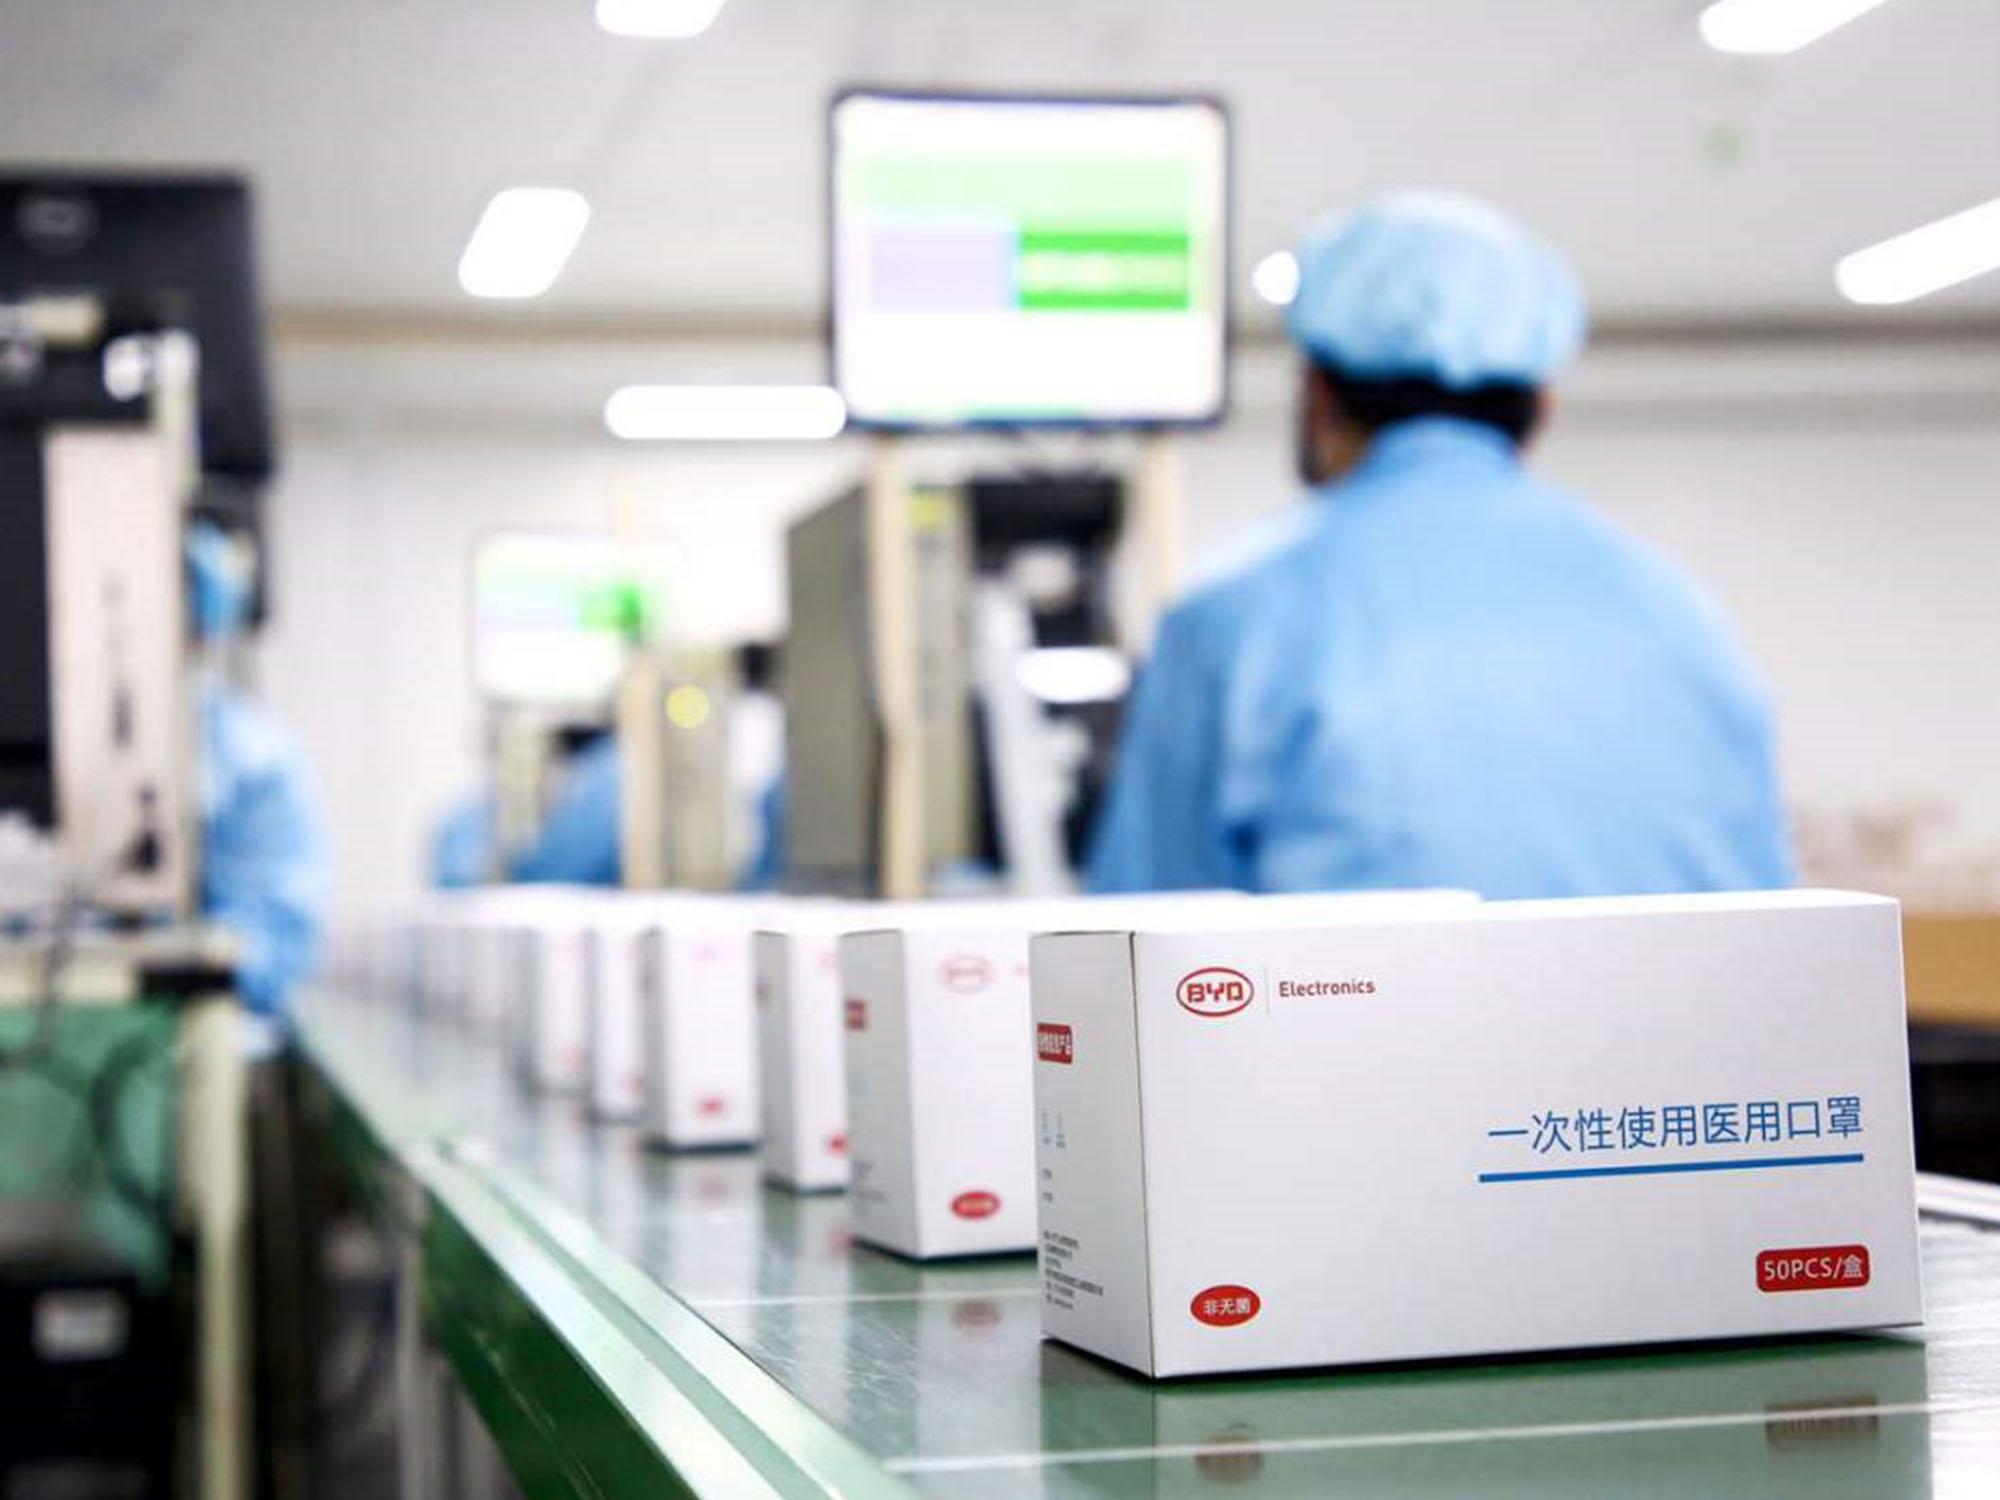 每只價格不超過2.5元 比亞迪向深圳投放1500萬只口罩